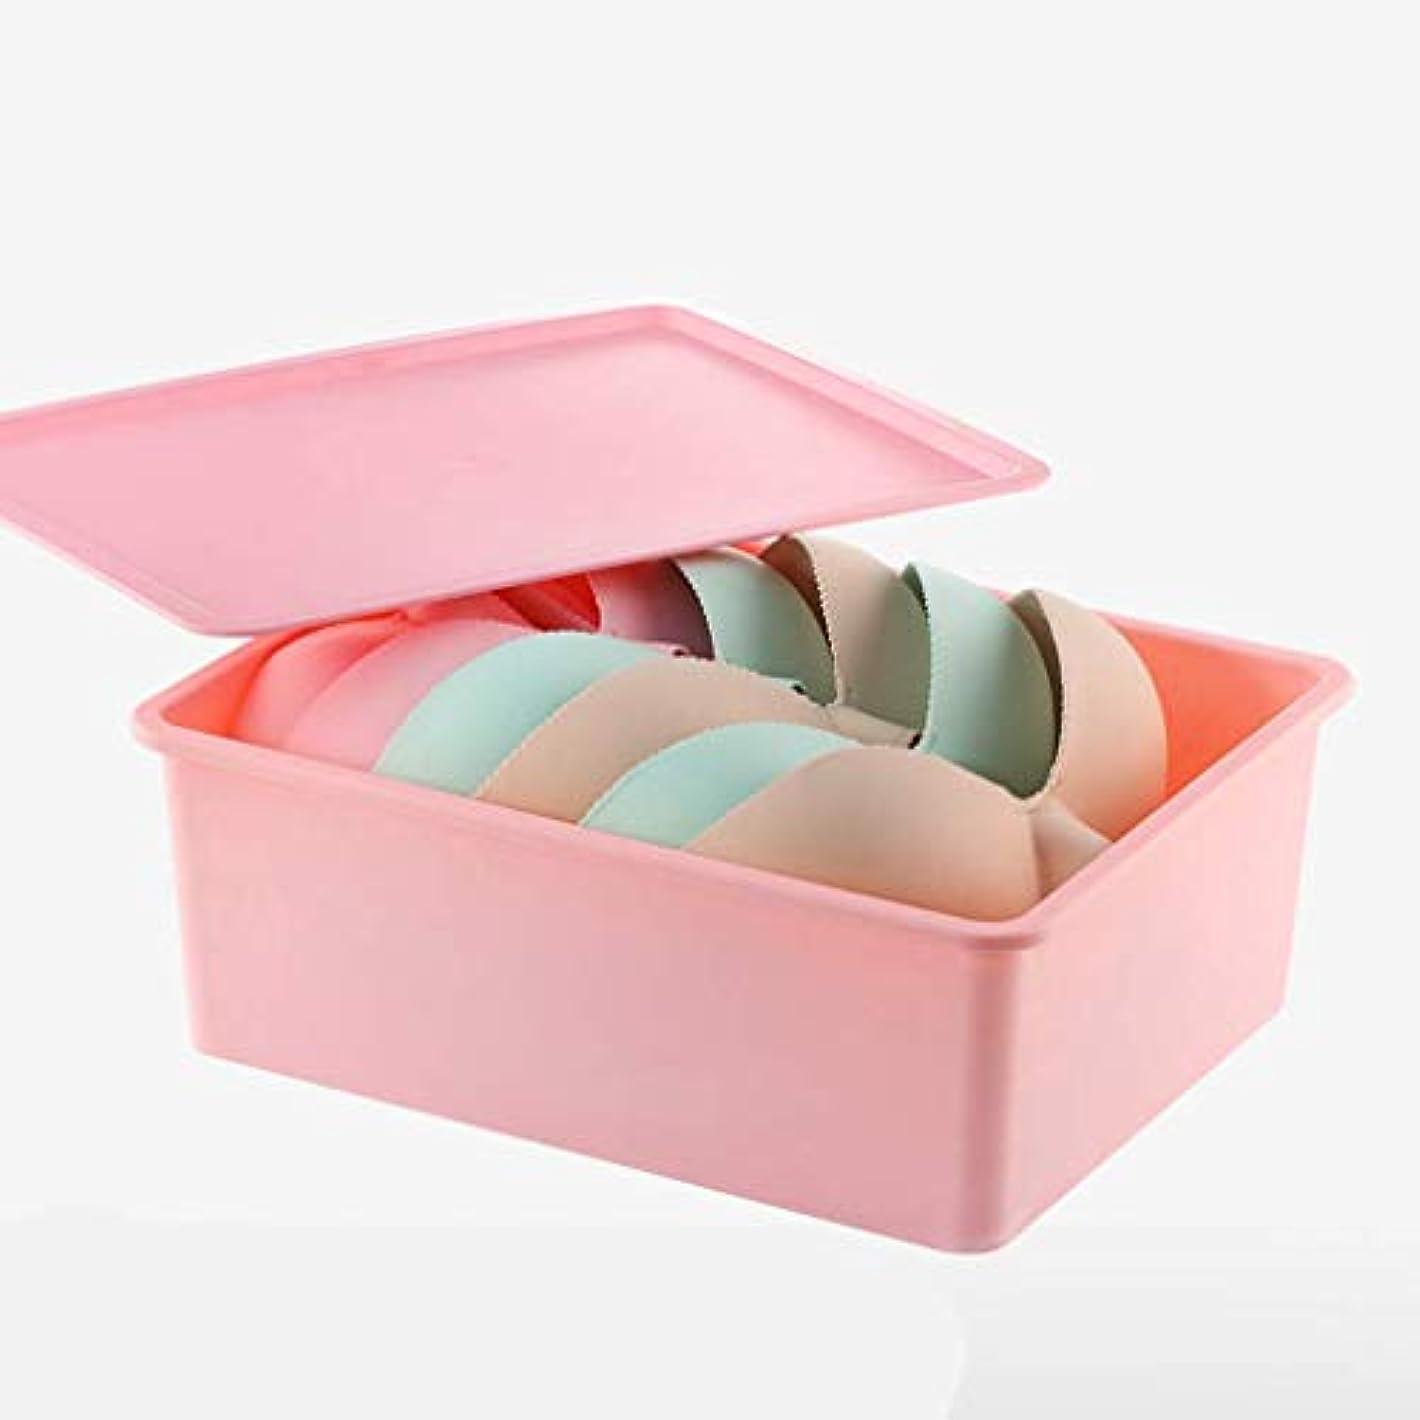 証書める料理収納ボックスキューブコンテナ収納ボックスカバープラスチック入場ブラ下着ソックスフィニッシングボックス6(色:A)